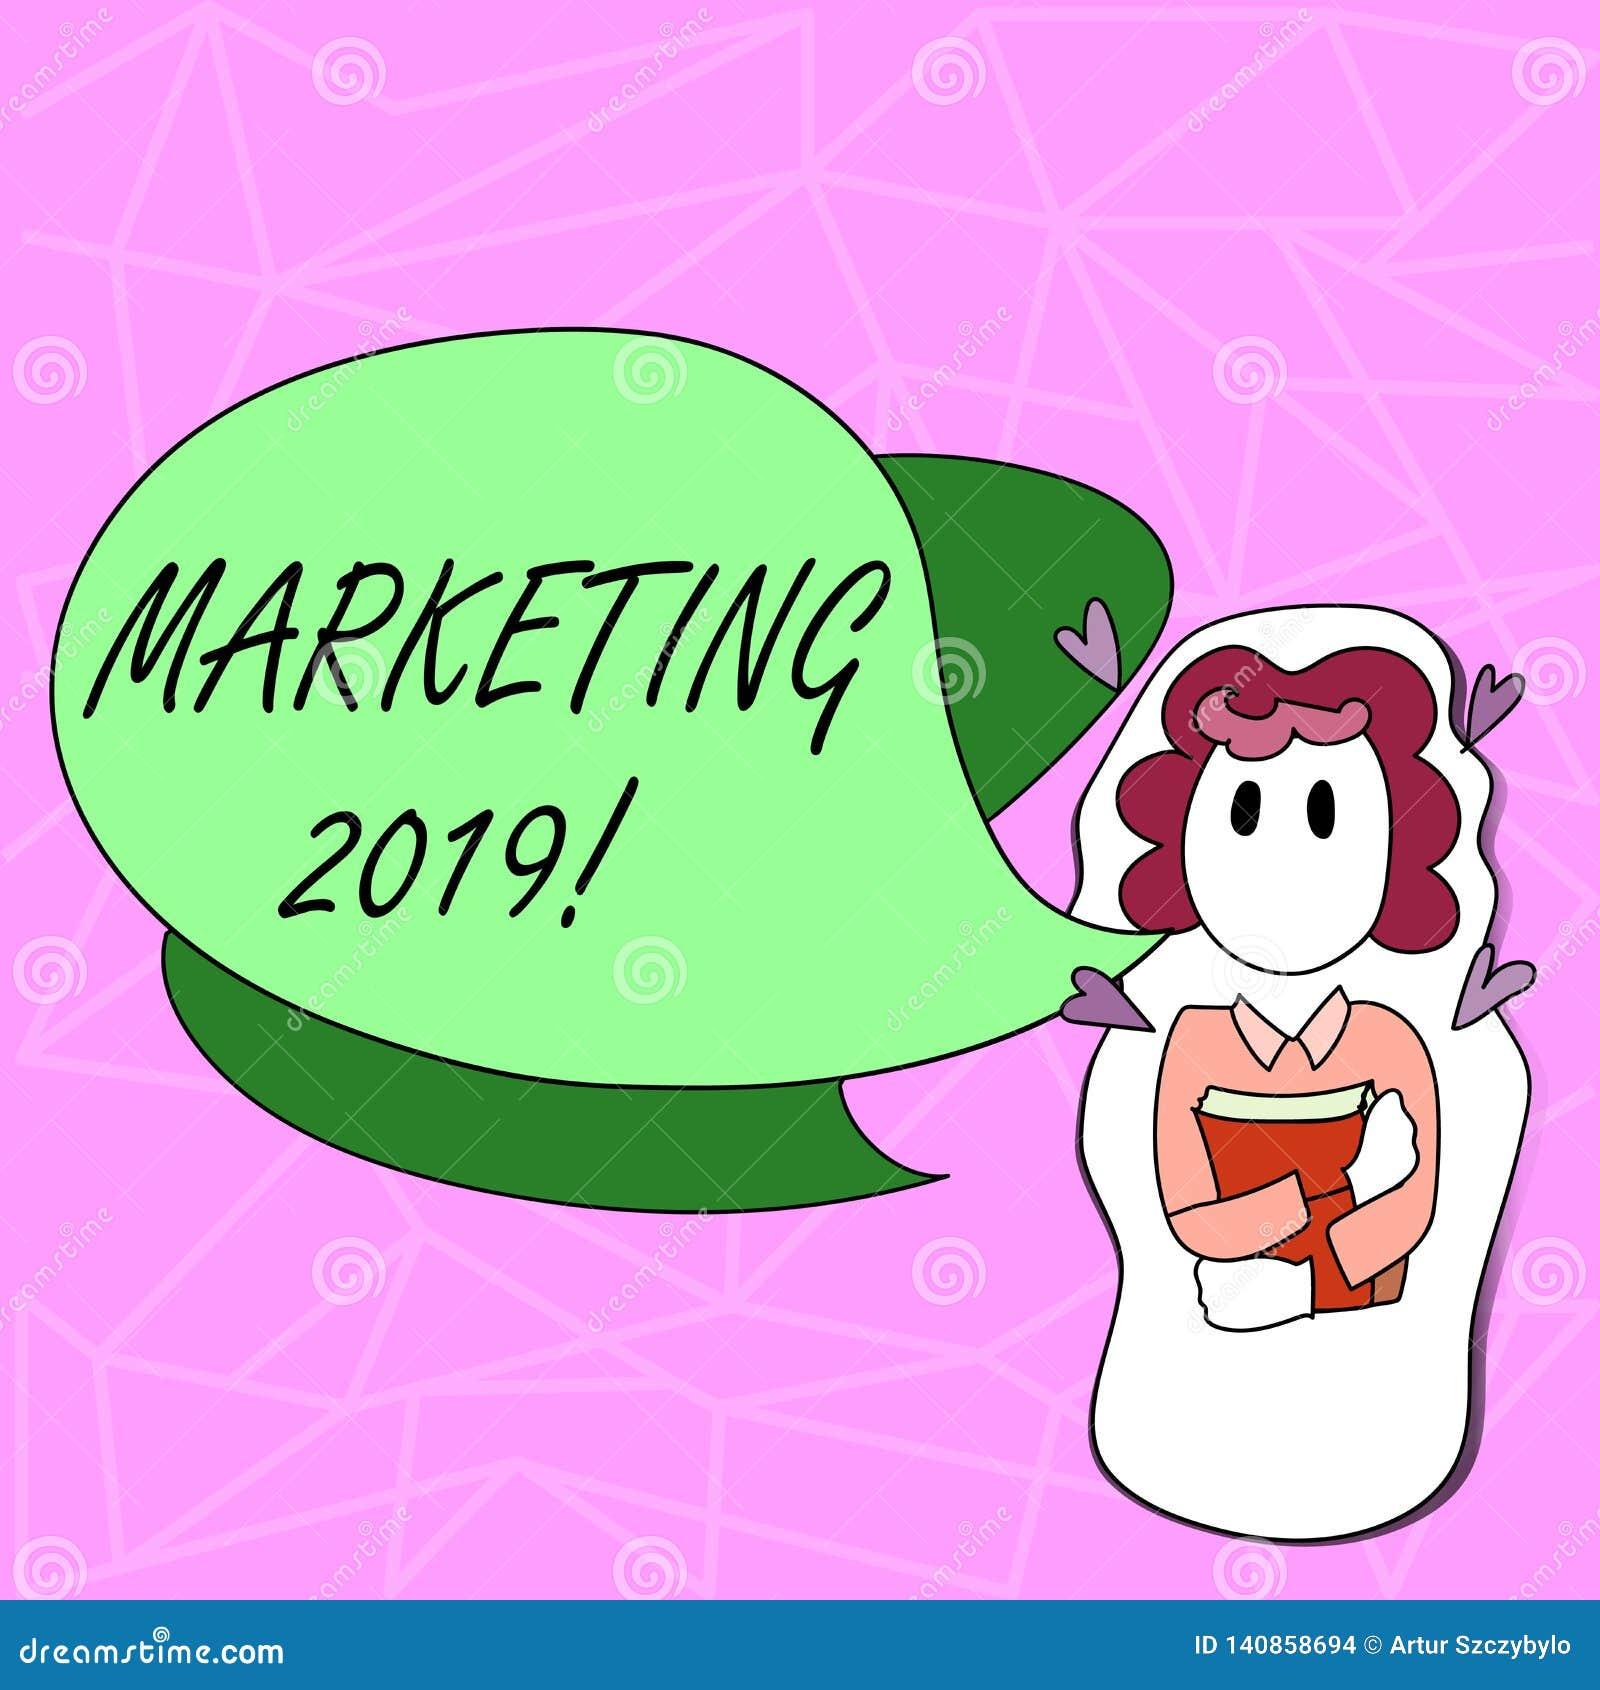 Signe des textes montrant le marketing 2019 Nouveau début conceptuel de stratégies du marché de nouvelle année de photo annonçant